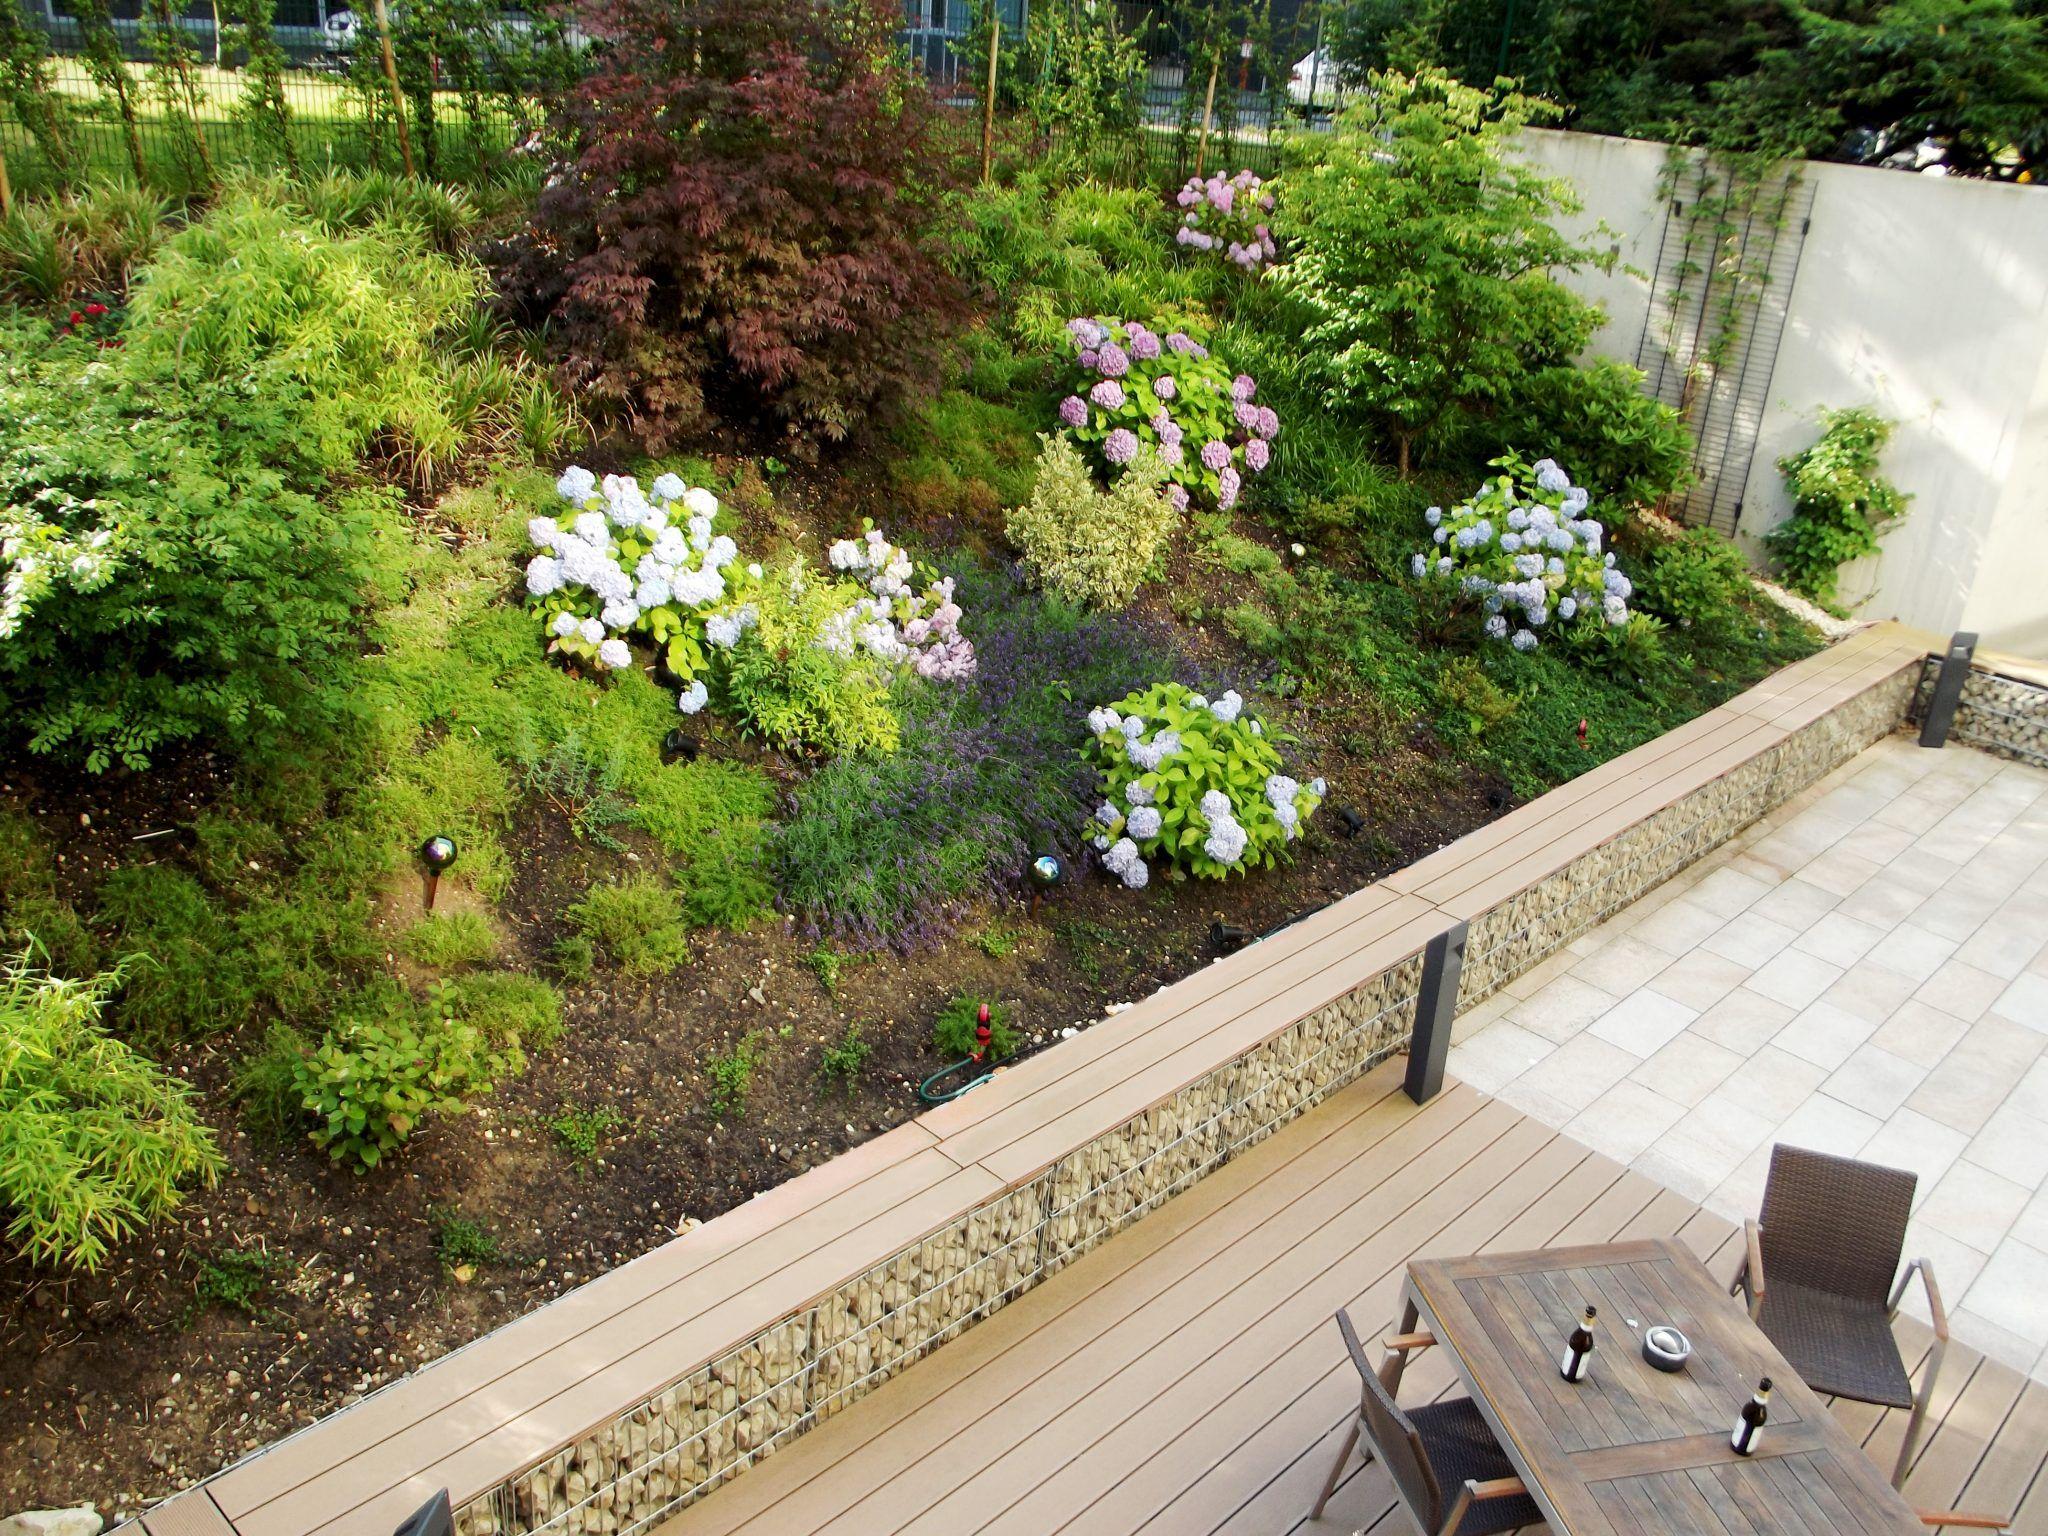 15 Gartengestaltung Kohnen Gartengestaltung Garten Landschaftsbau Garten